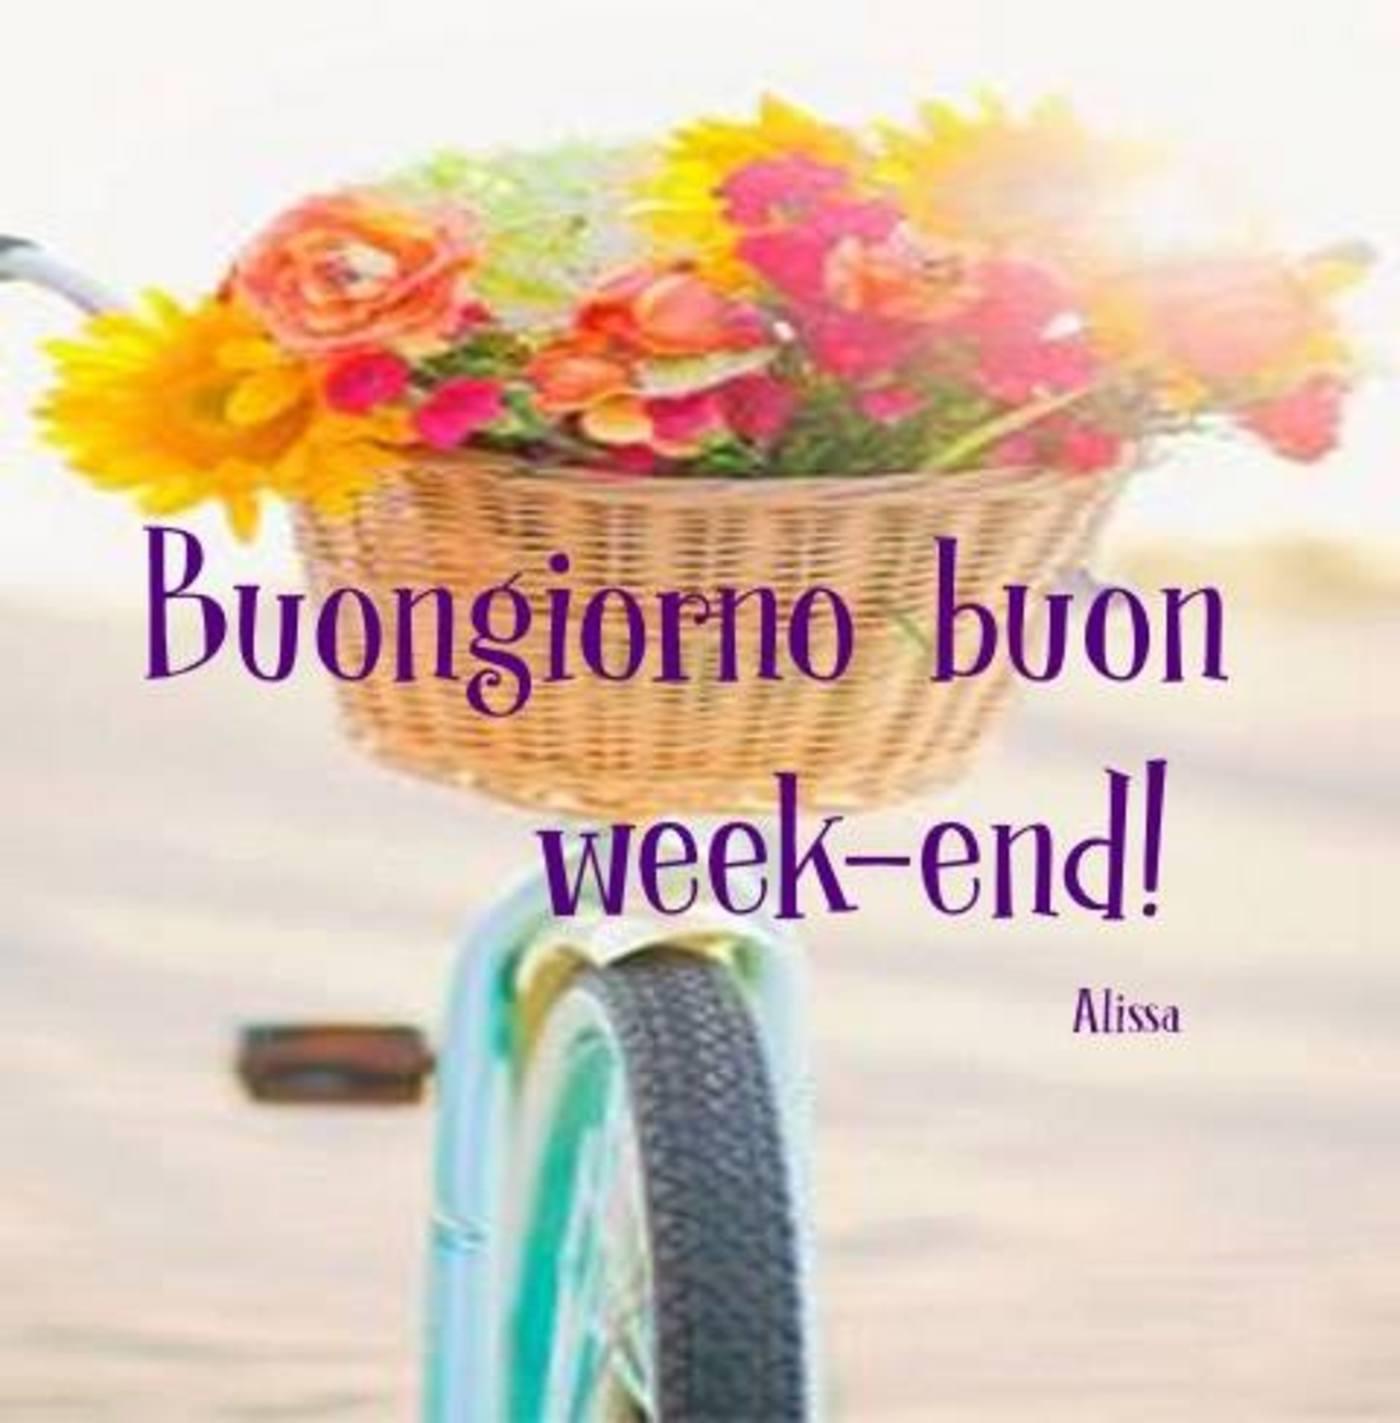 Buon weekend immagini nuove for Buon weekend immagini simpatiche